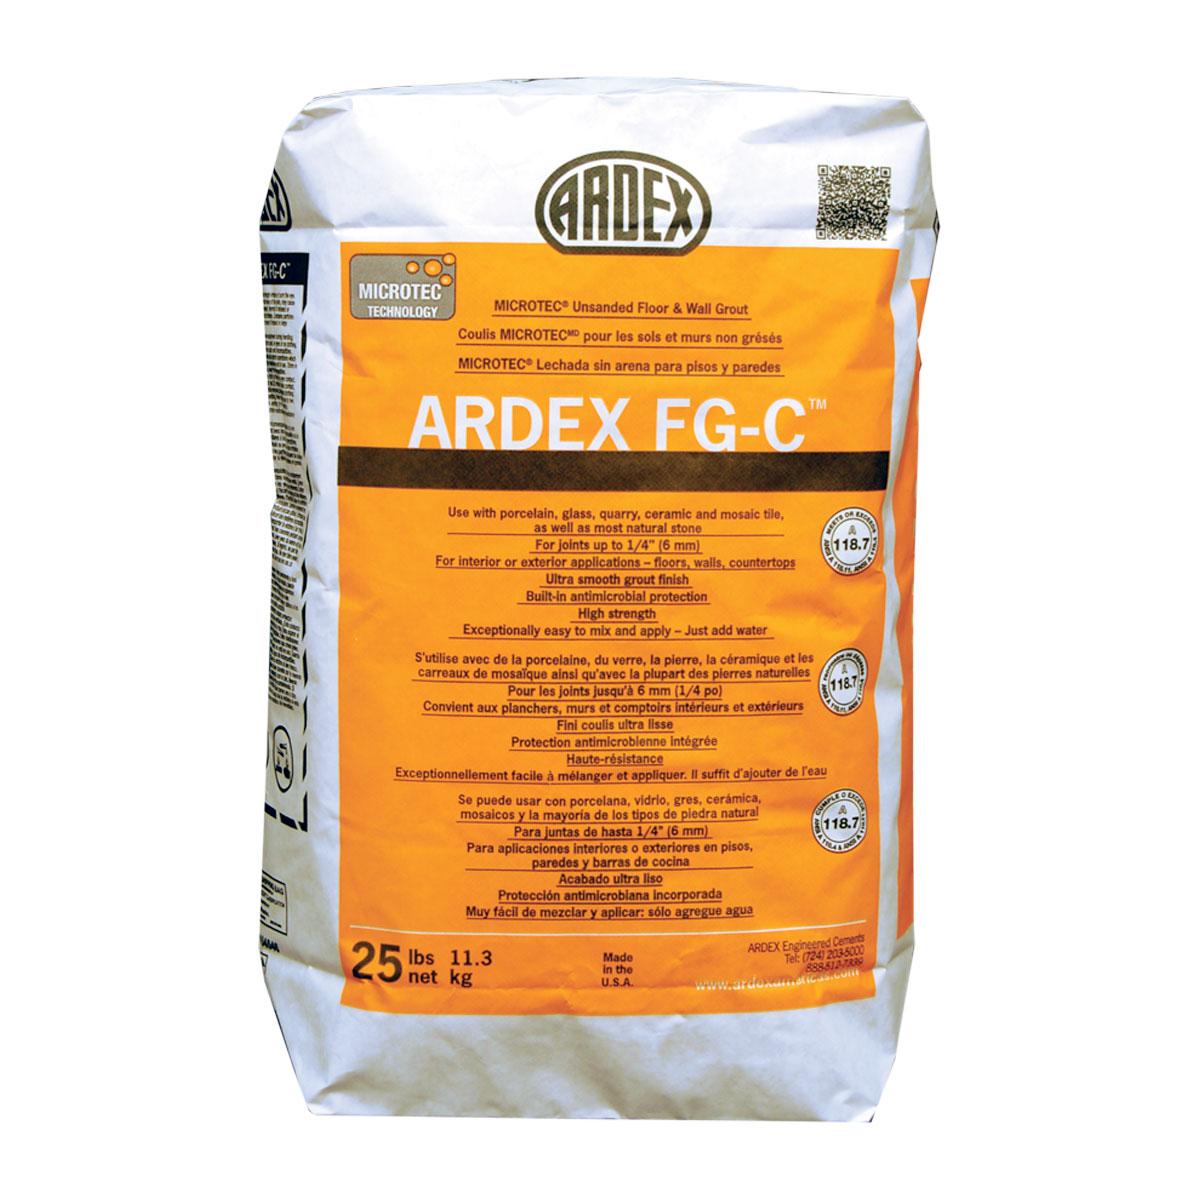 Ardex FG-C